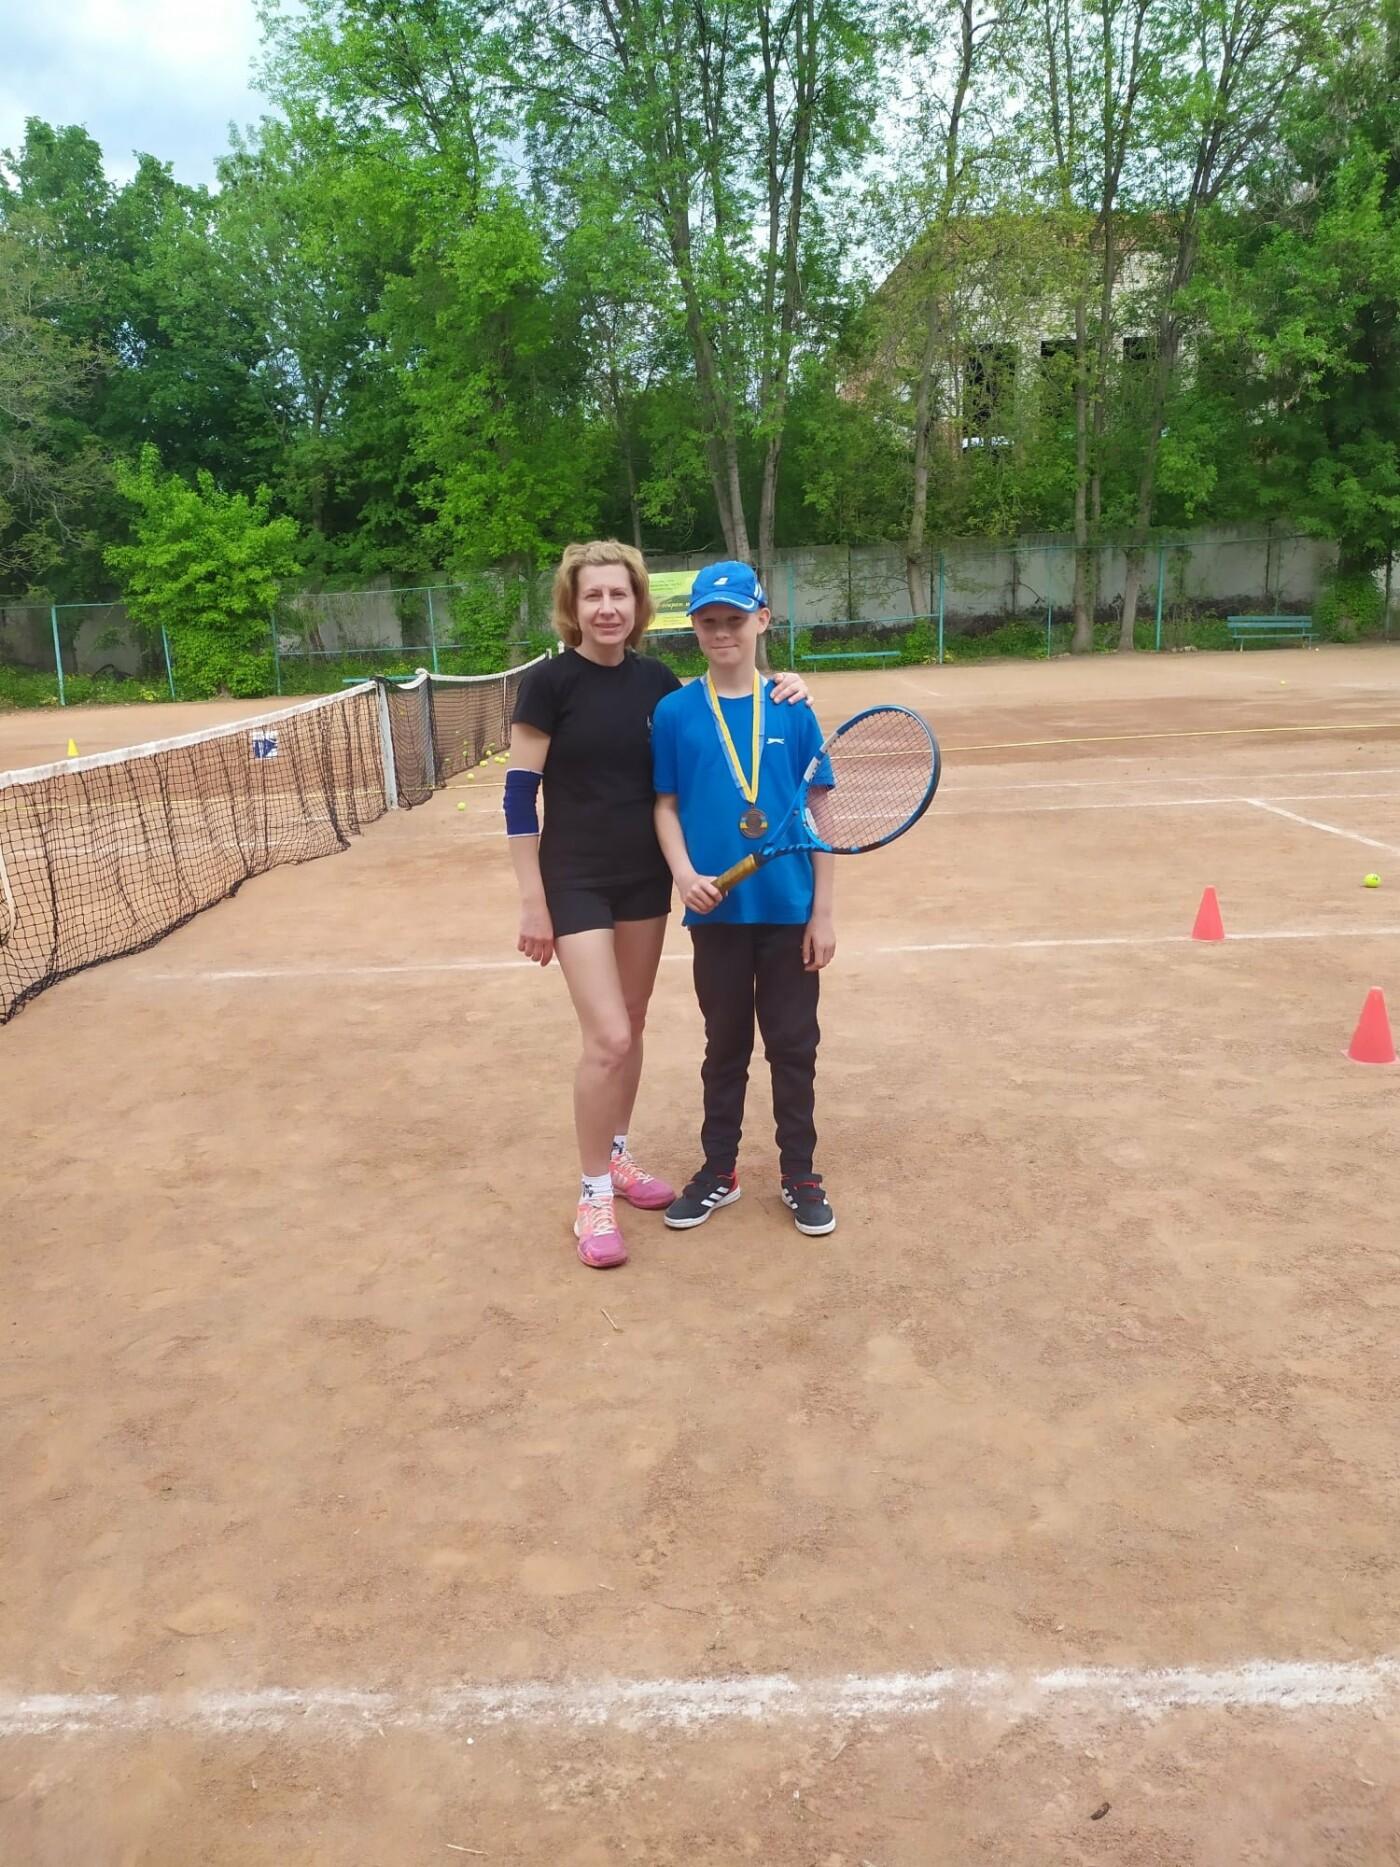 Вихованці ДЮСШ №2 — переможці Чемпіонату області з тенісу, фото-1